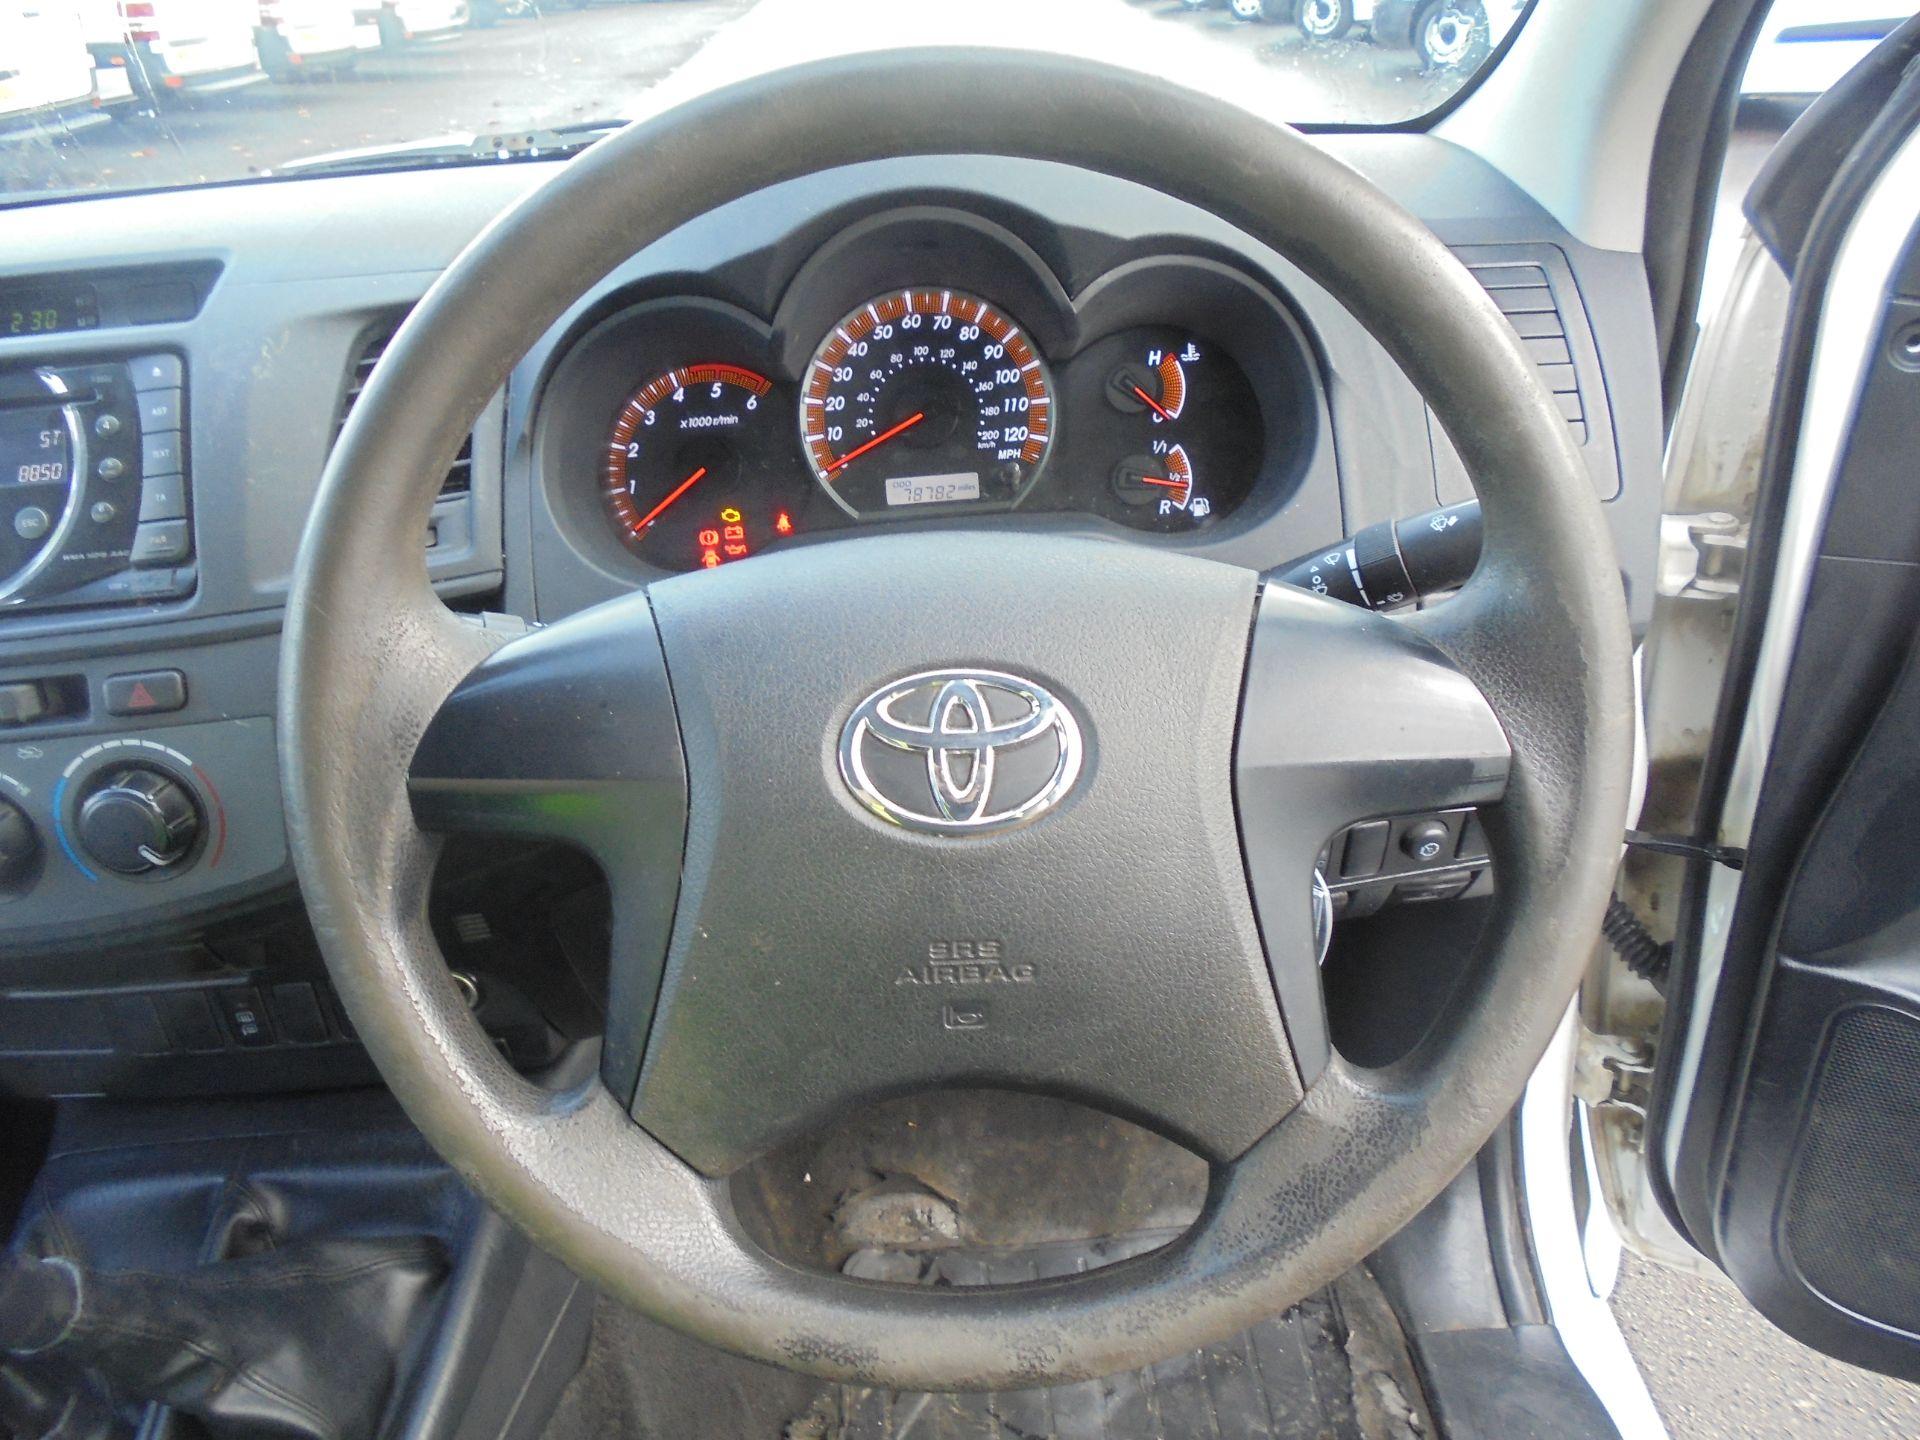 2015 Toyota Hilux Active D/Cab Pick Up 2.5 D-4D 4Wd 144 (DX15WSV) Image 26